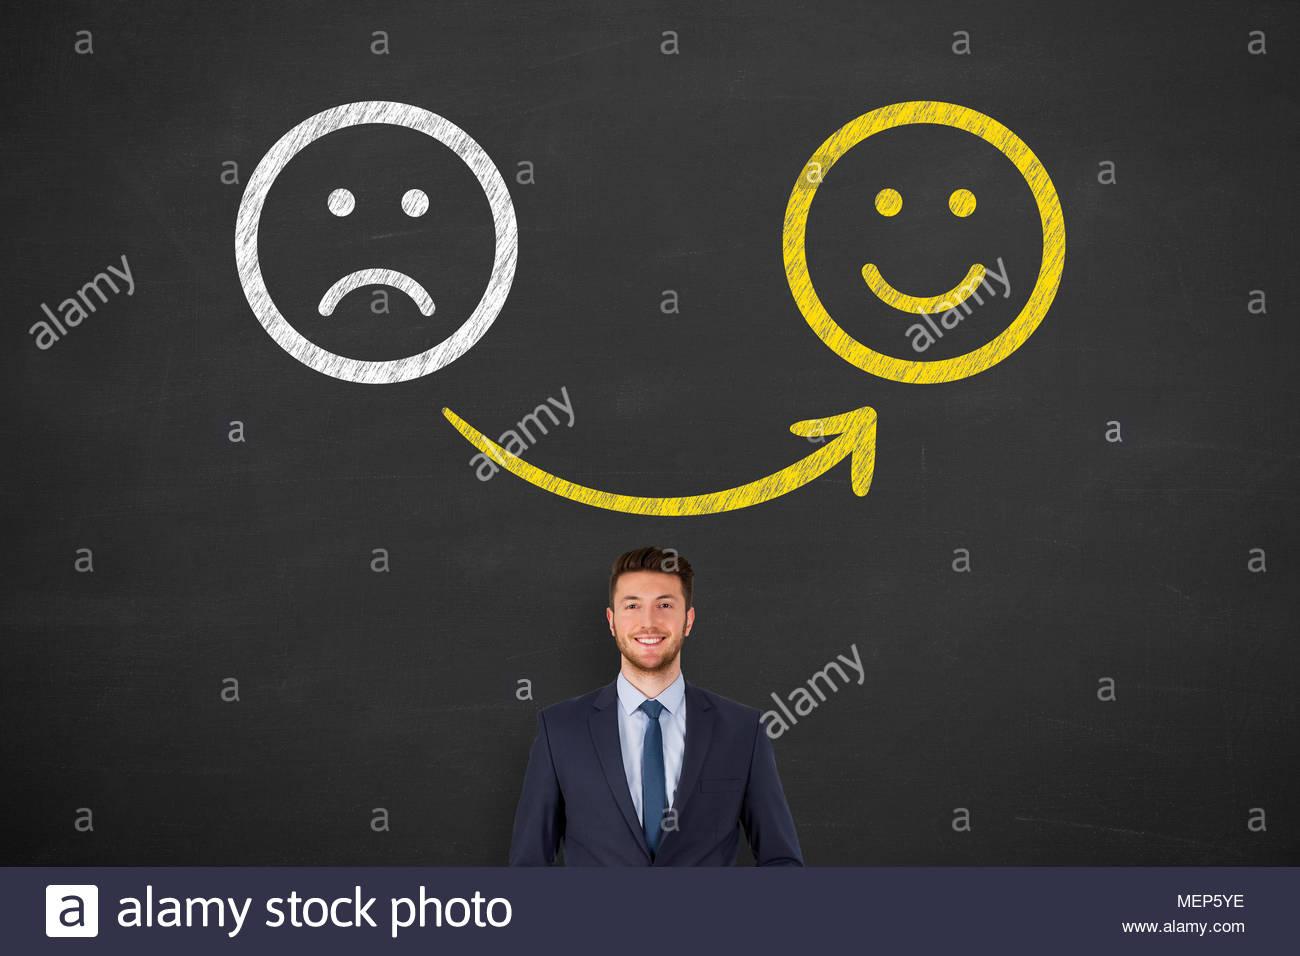 Unglücklich und lachendes Smiley auf Blackboard Hintergrund Stockbild